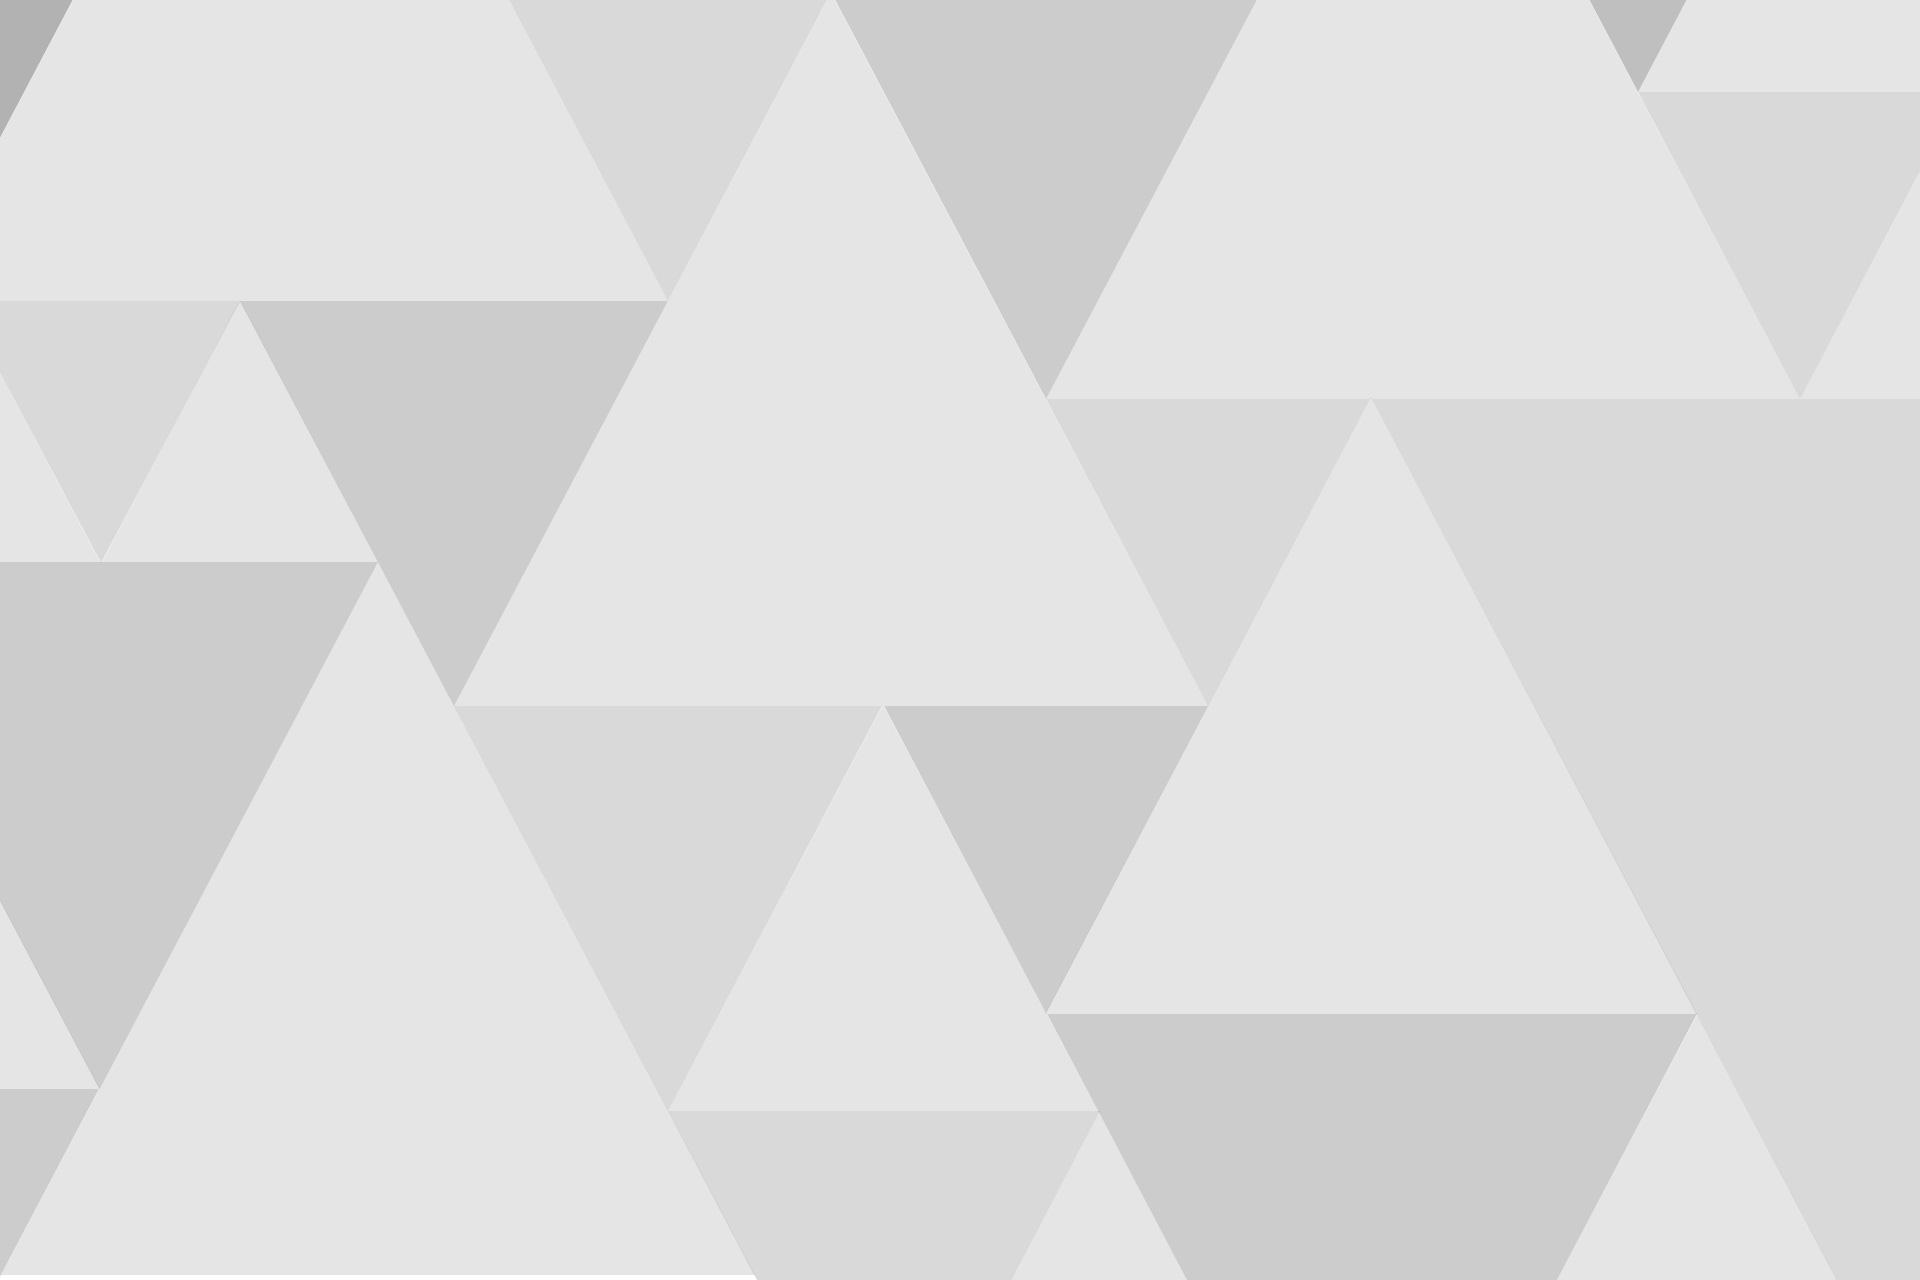 講演映像 2018 年度秋季大会「ご案内とクロージング」西田治子